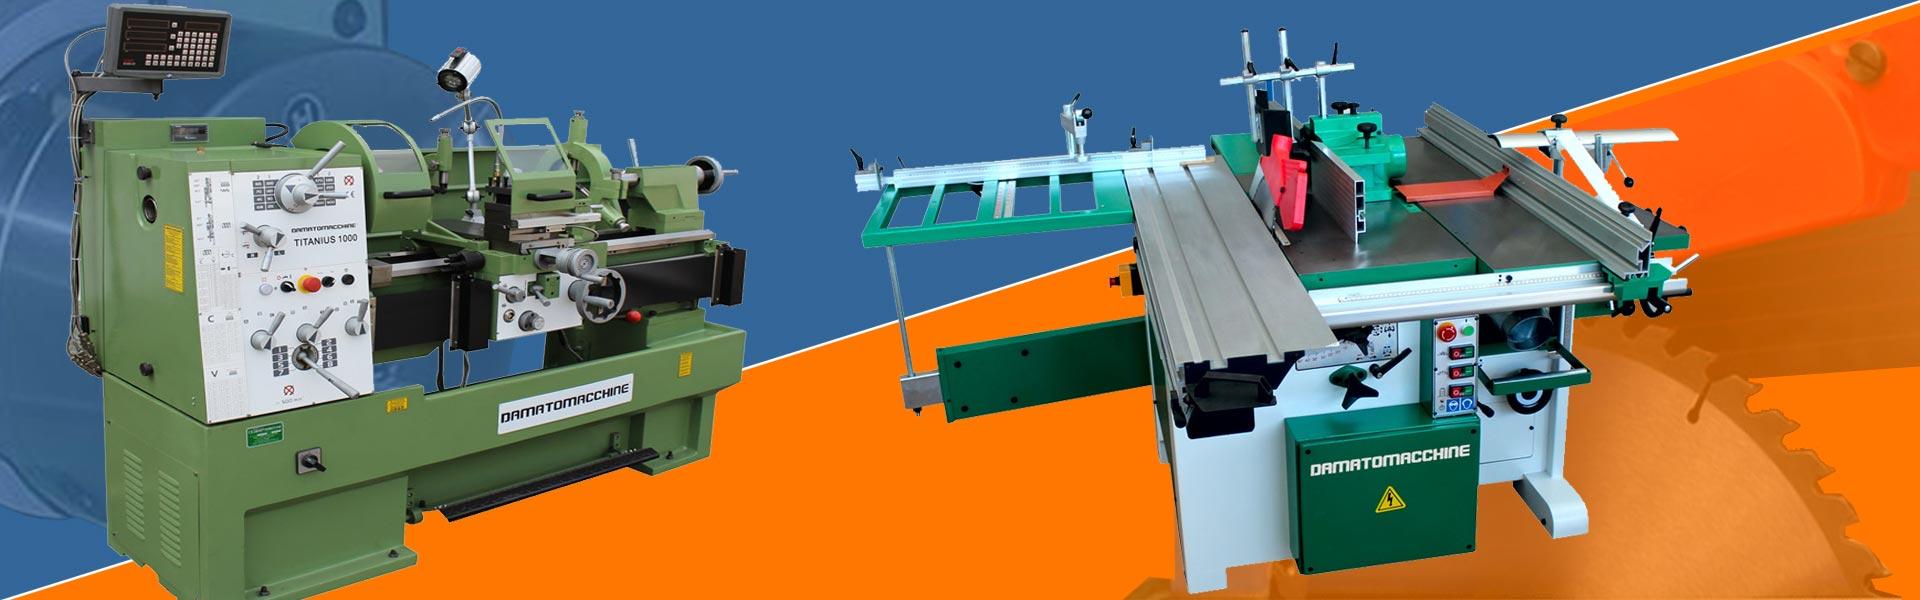 Damatomacchine il leader europeo di macchine legno e metalli for Damato macchine utensili